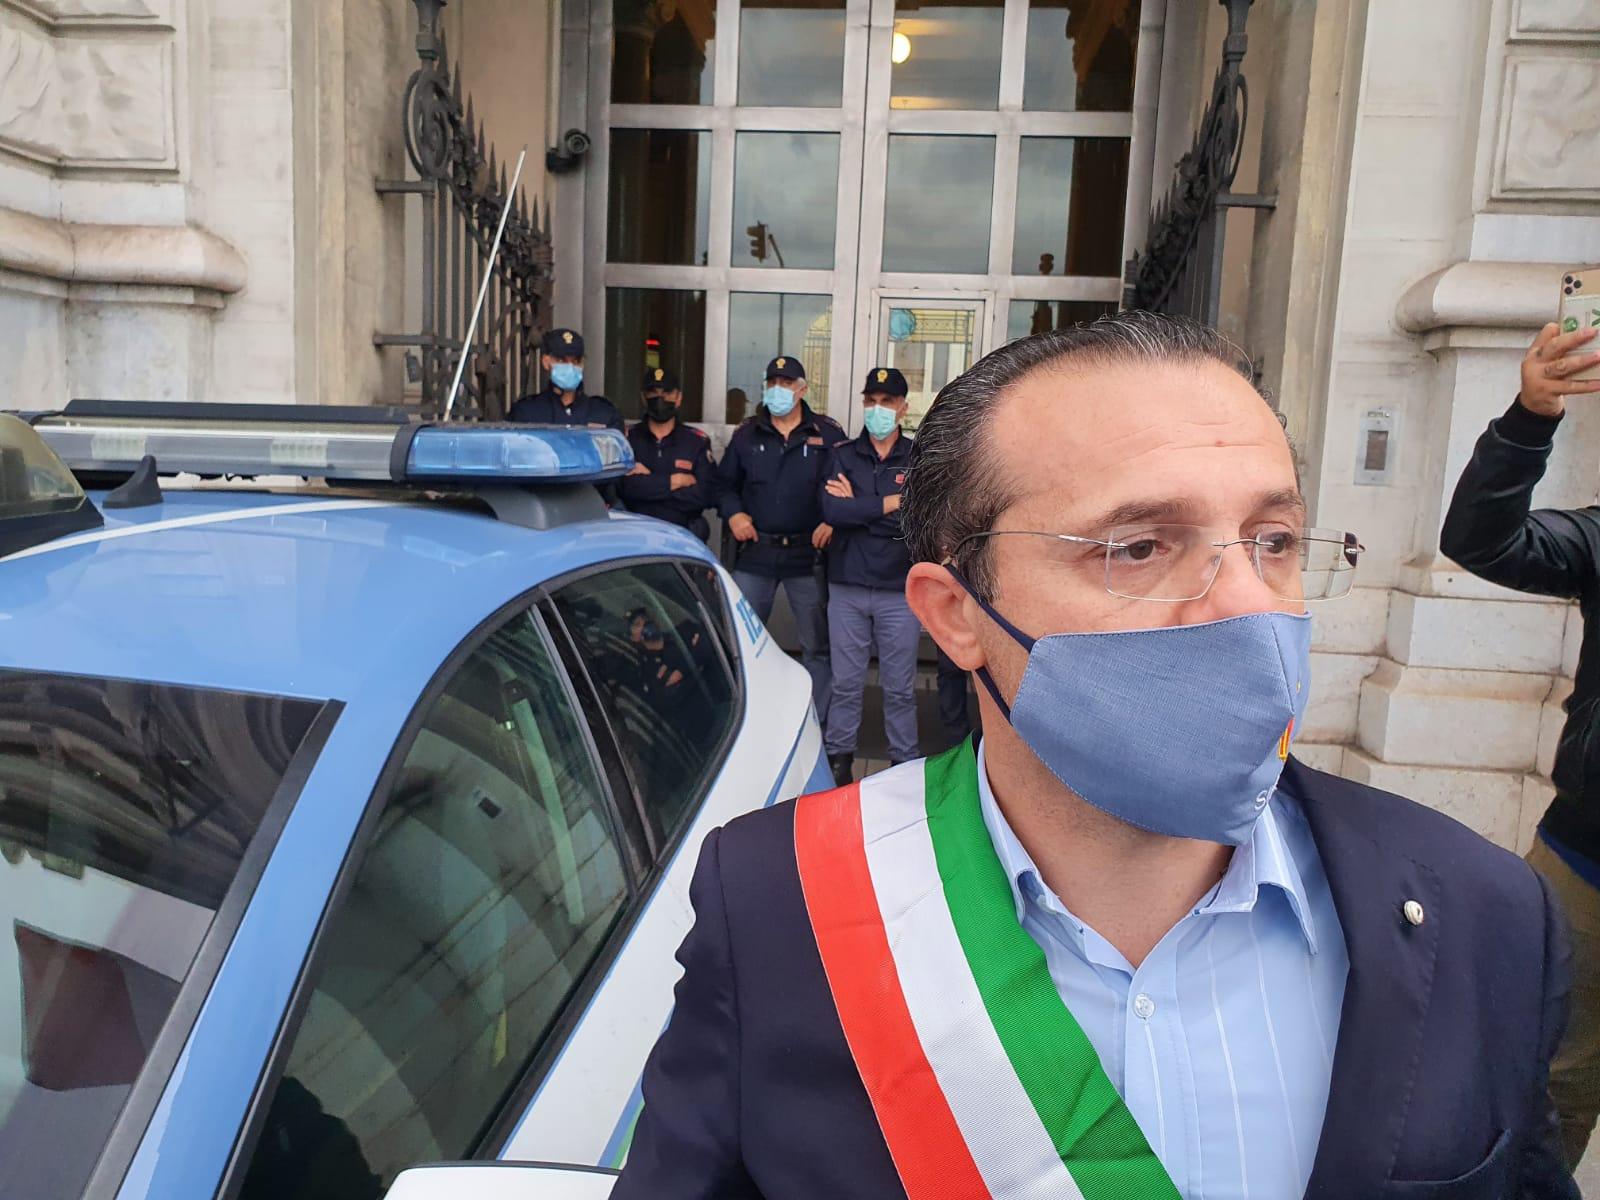 Istigazione a disobbedire, denuncia per il sindaco De Luca